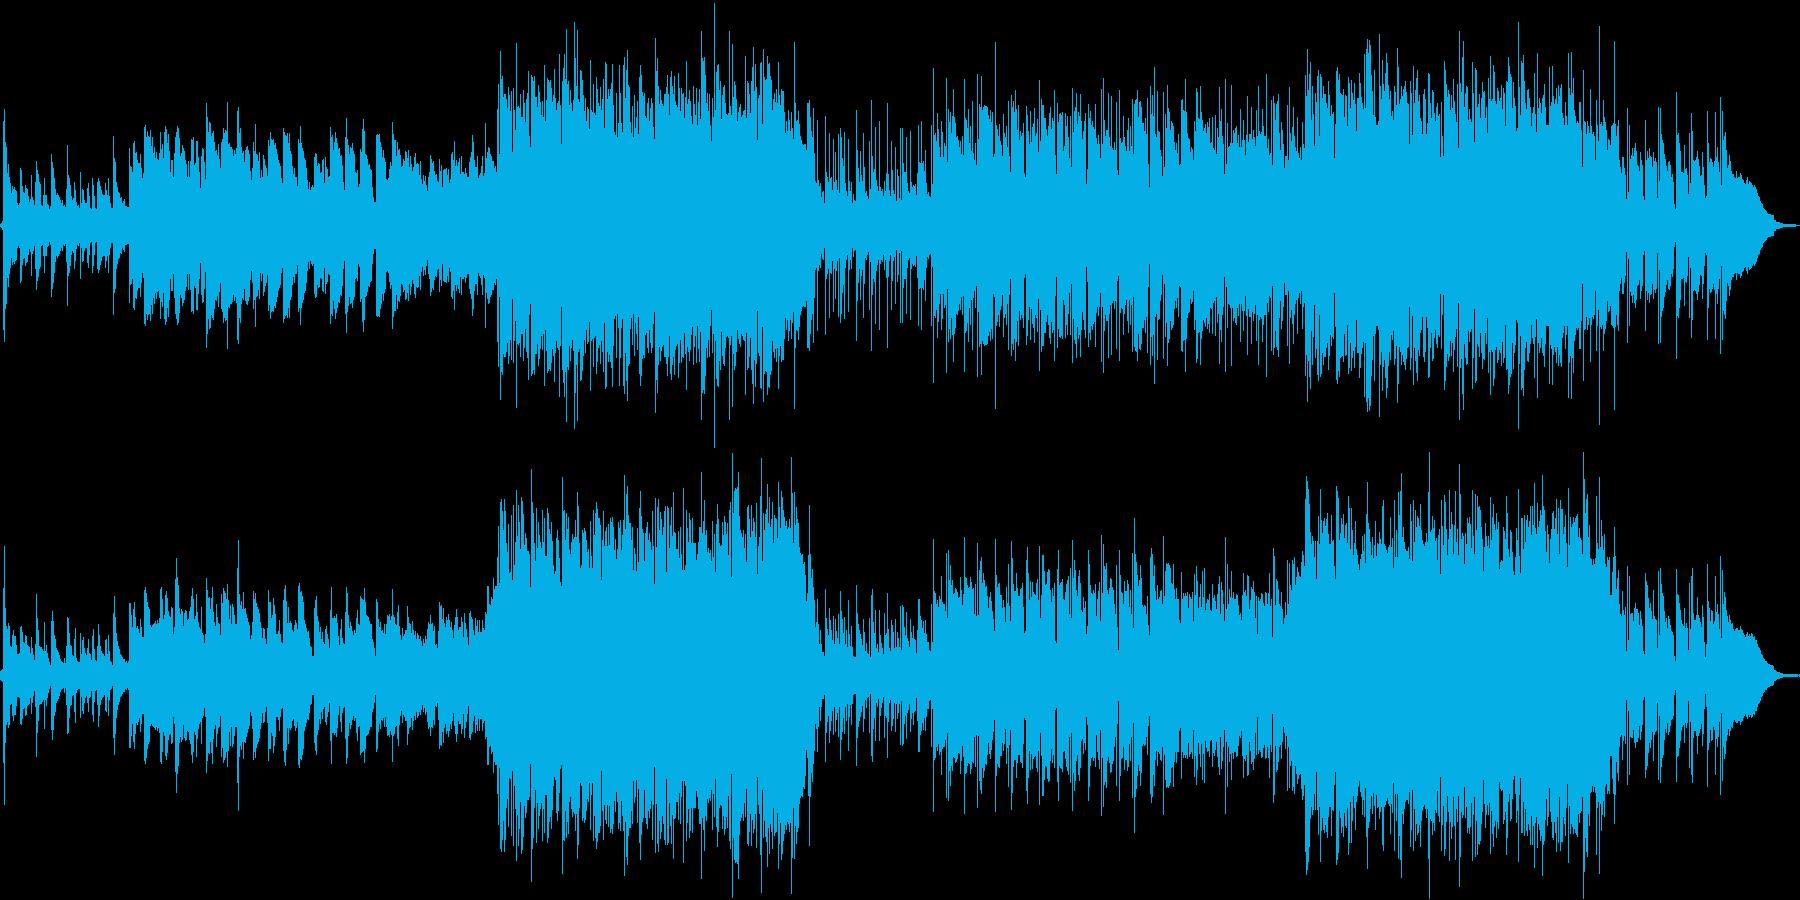 和風幻想曲 古楽器とボーカルアンビエントの再生済みの波形